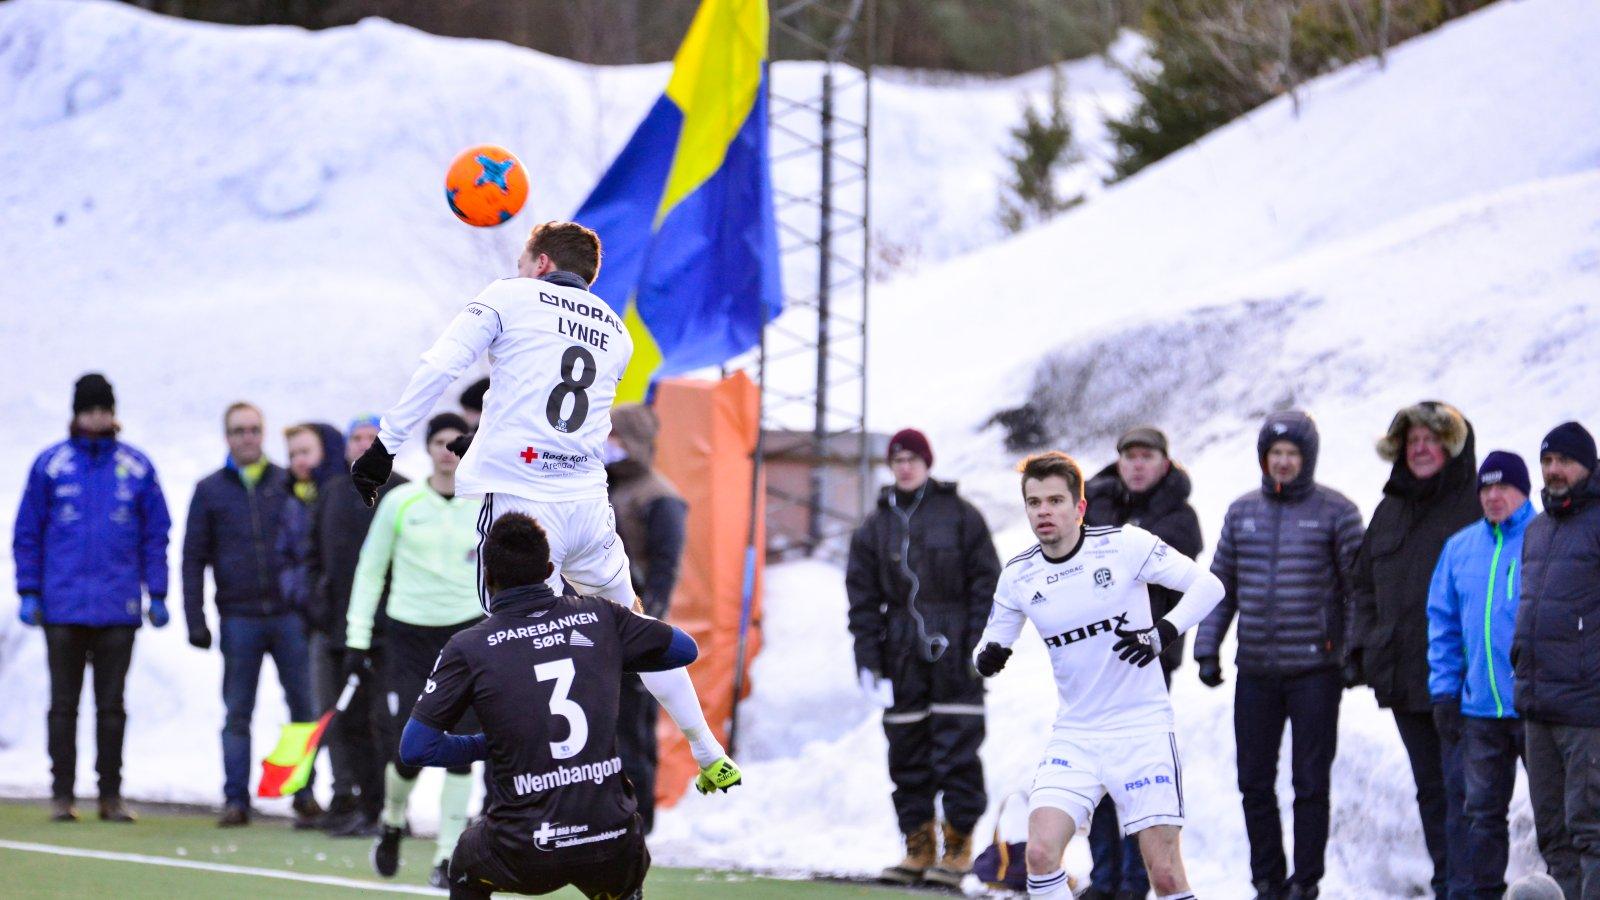 Rasmus Lynge Christensen (8) fikk noen minutter mot slutten av kampen og ser ut til å være på vei tilbake etter småskader i vinter.